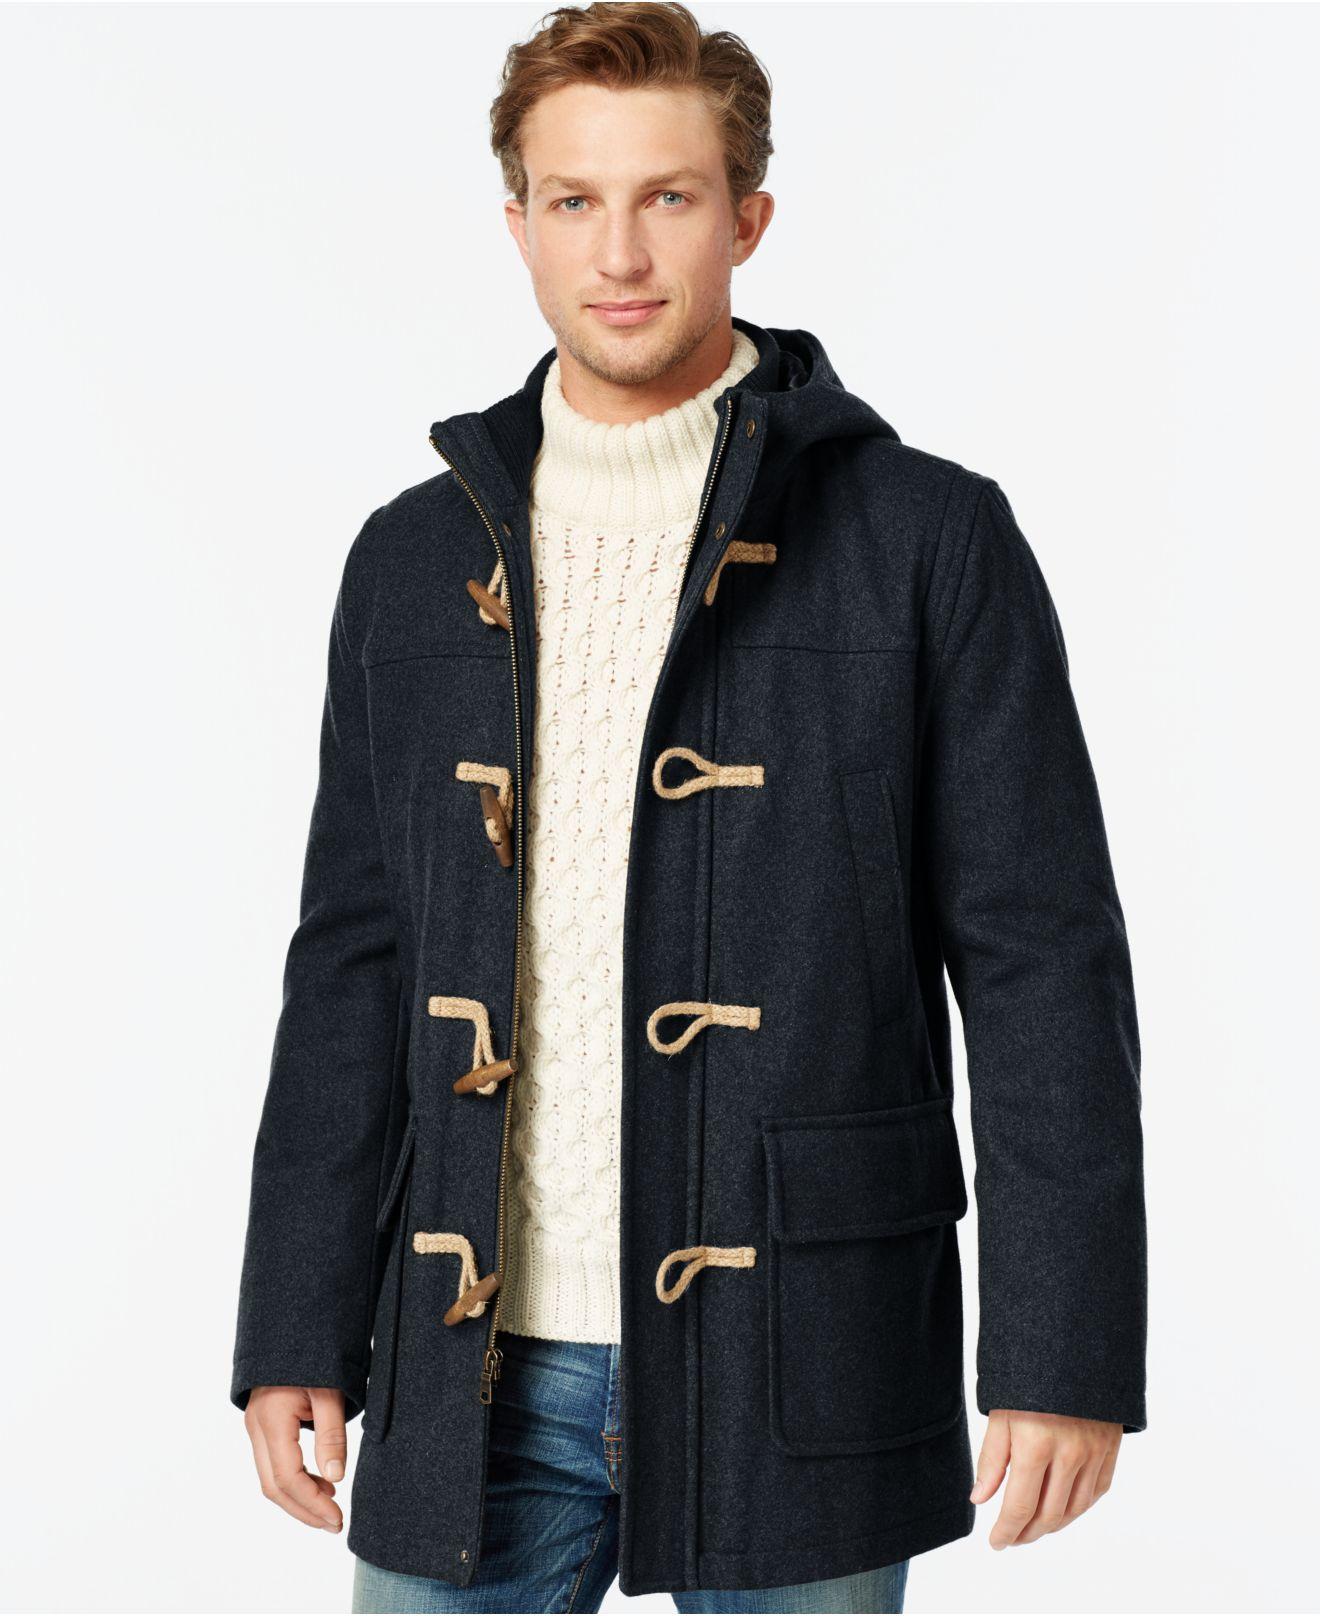 tommy hilfiger wool blend melton toggle coat in blue for men lyst. Black Bedroom Furniture Sets. Home Design Ideas